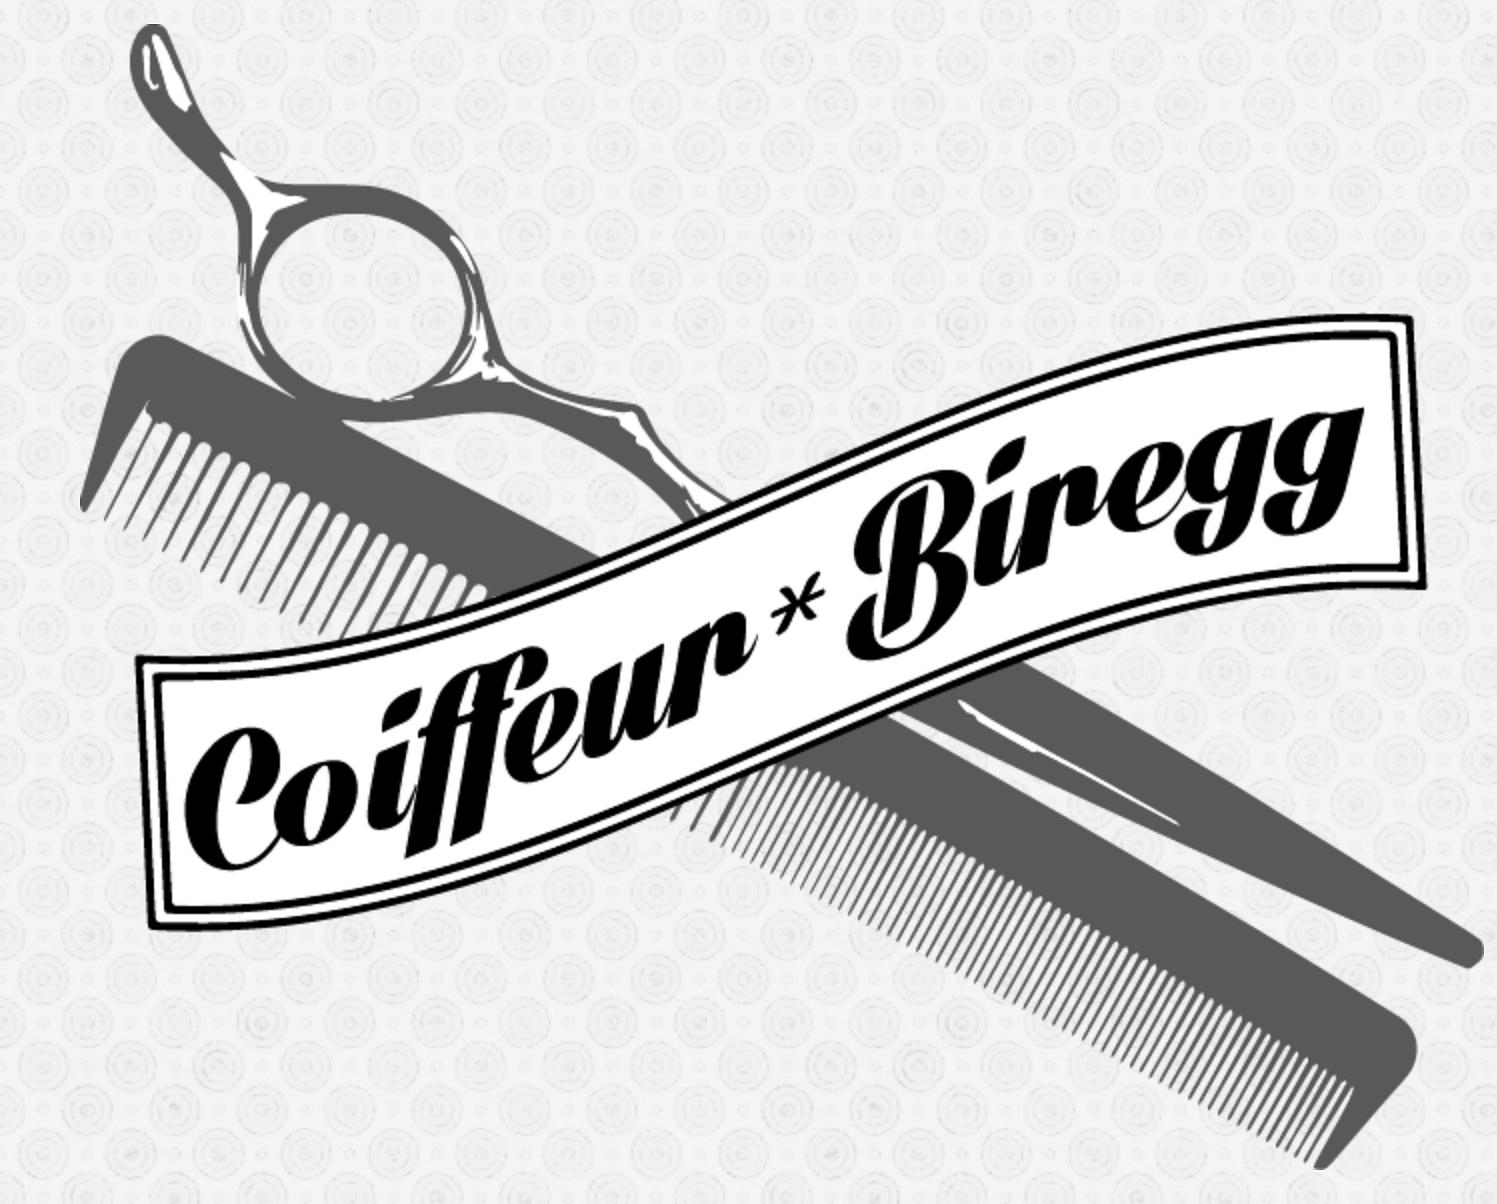 Coiffeur Biregg